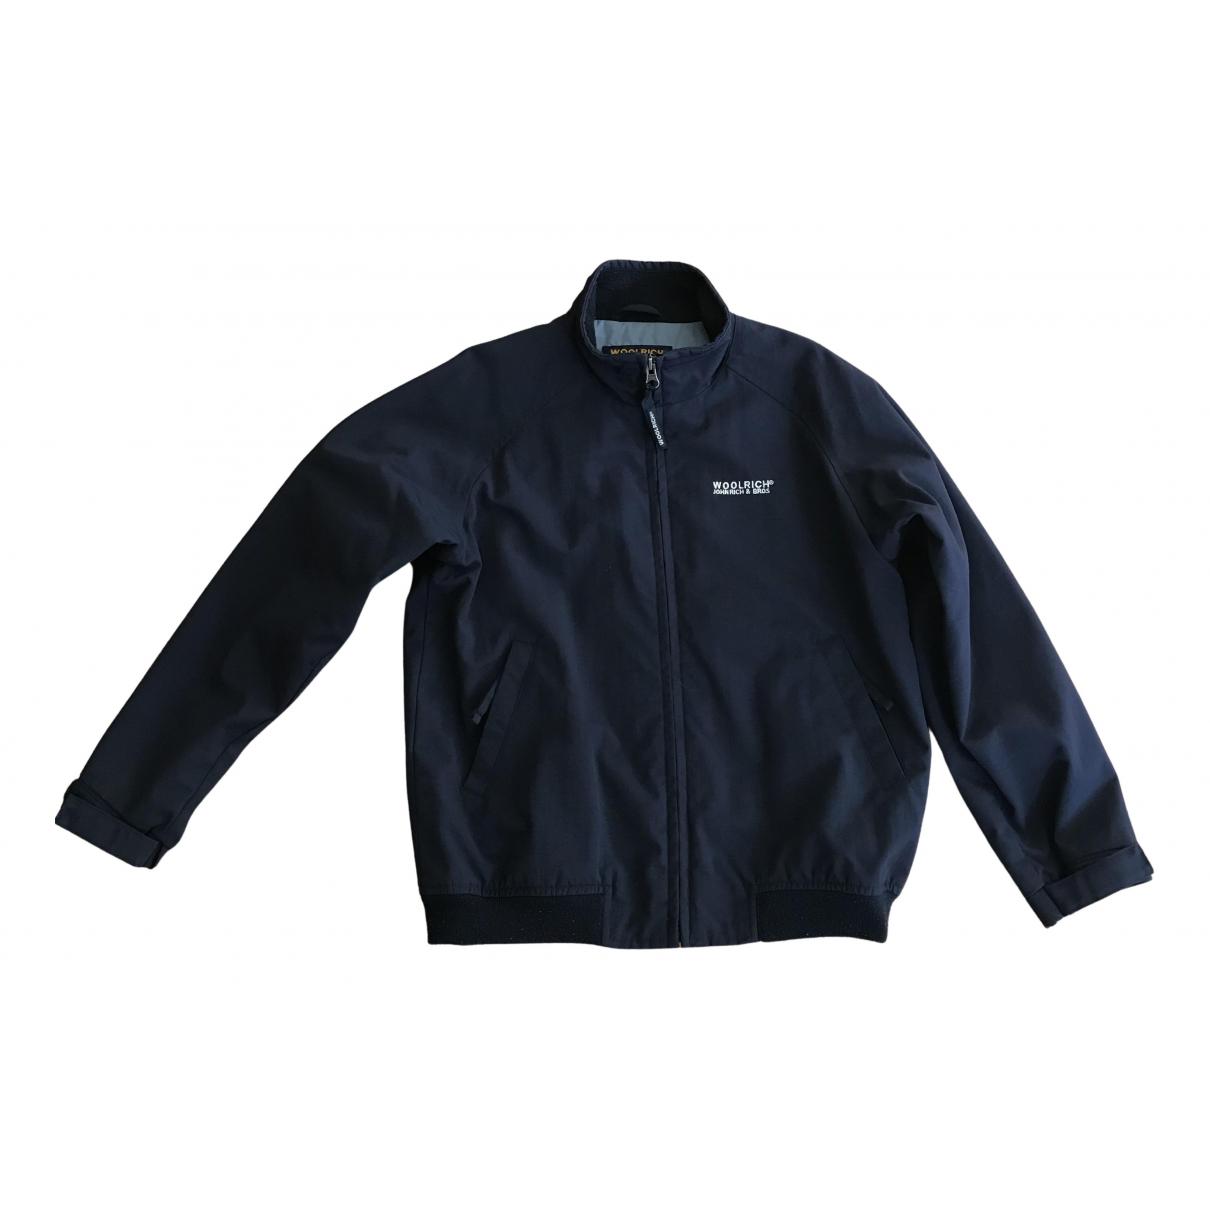 Woolrich \N Jacke, Maentel in  Blau Polyester